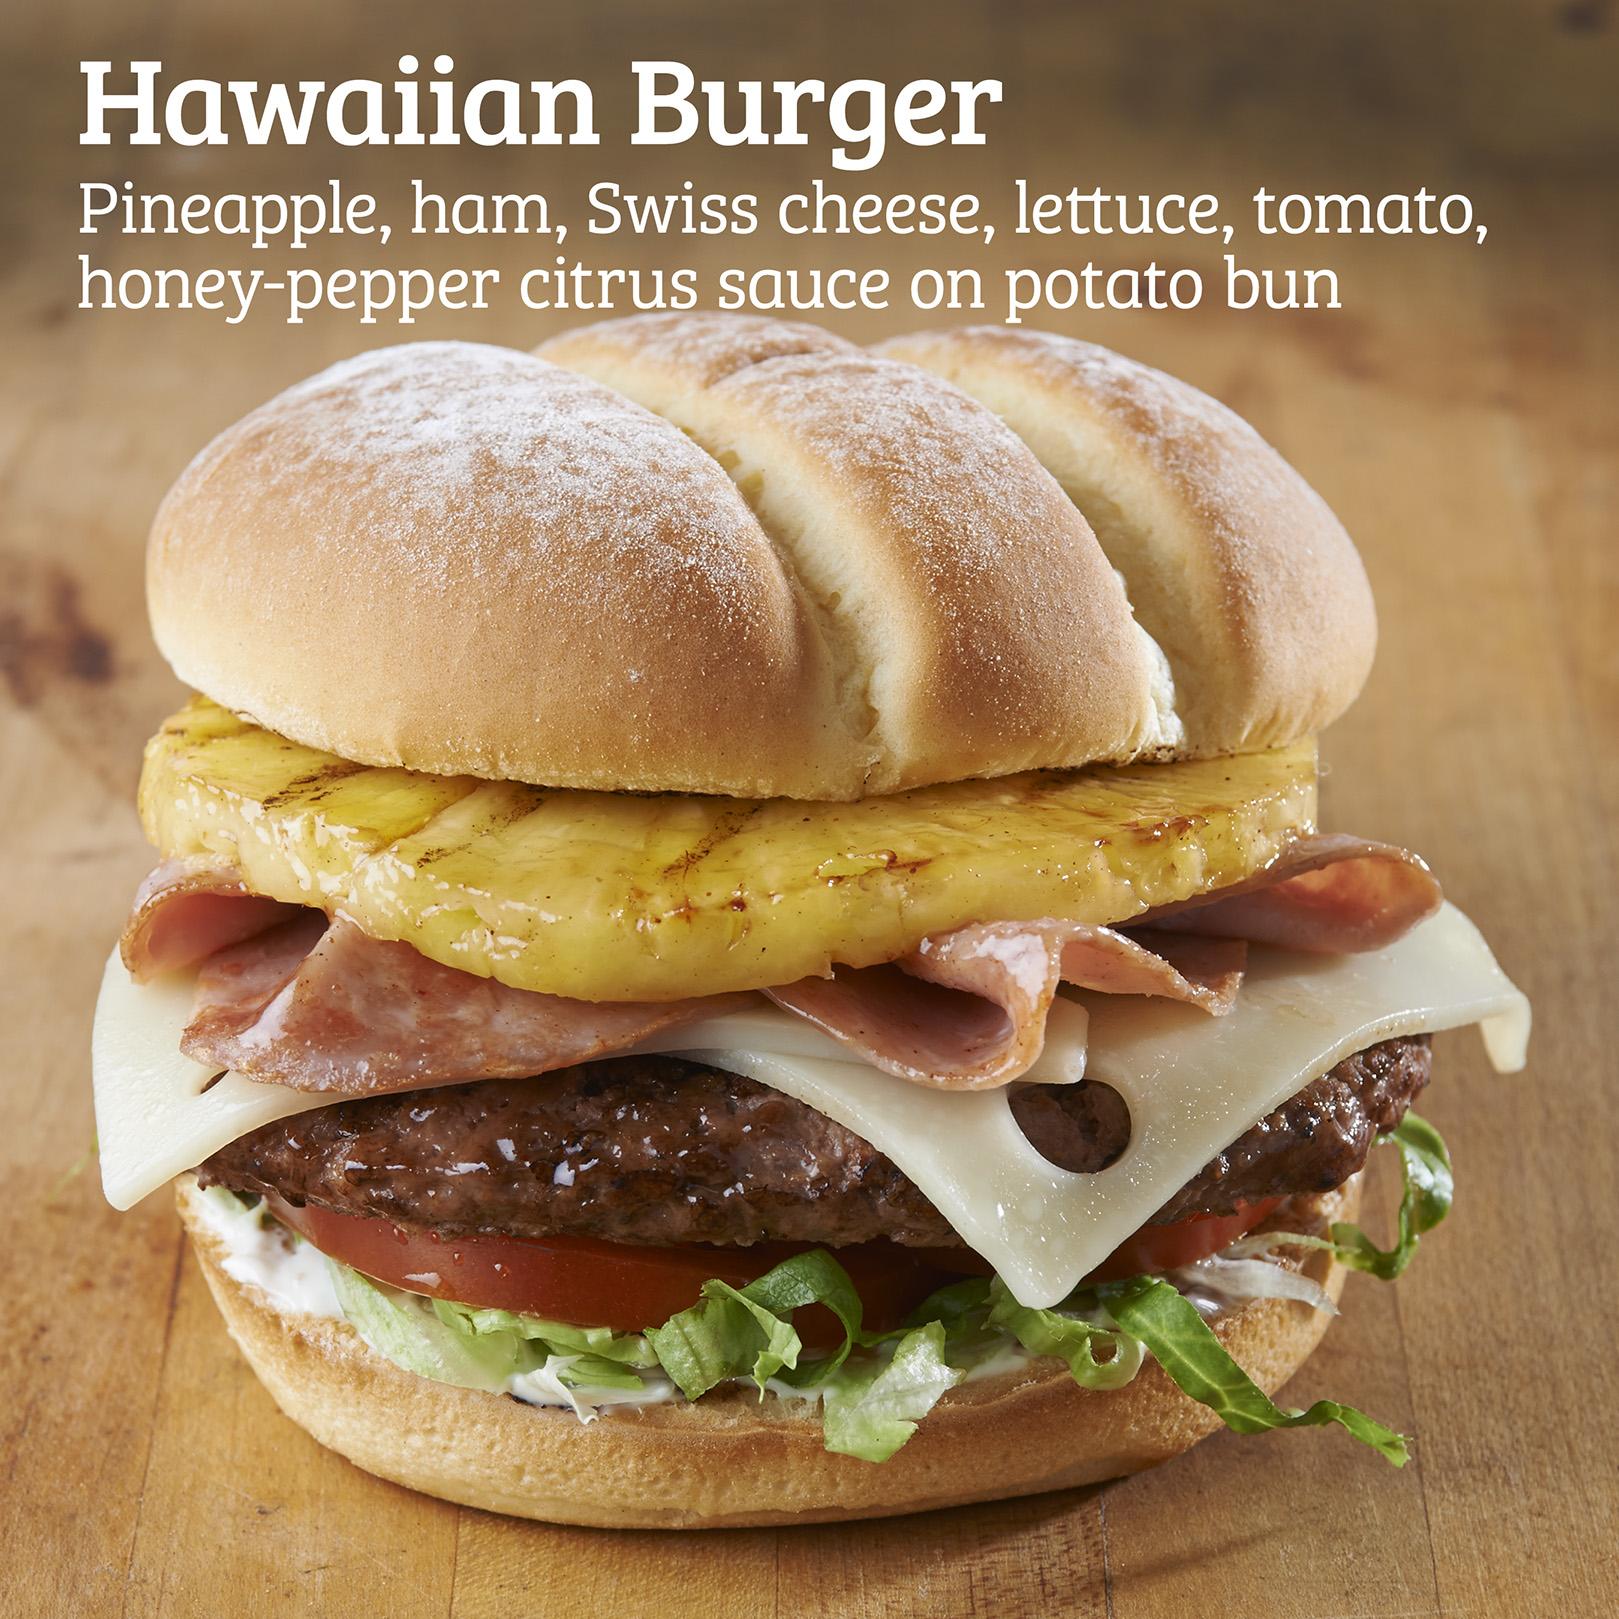 Kidd Valley Hawaiian Burger